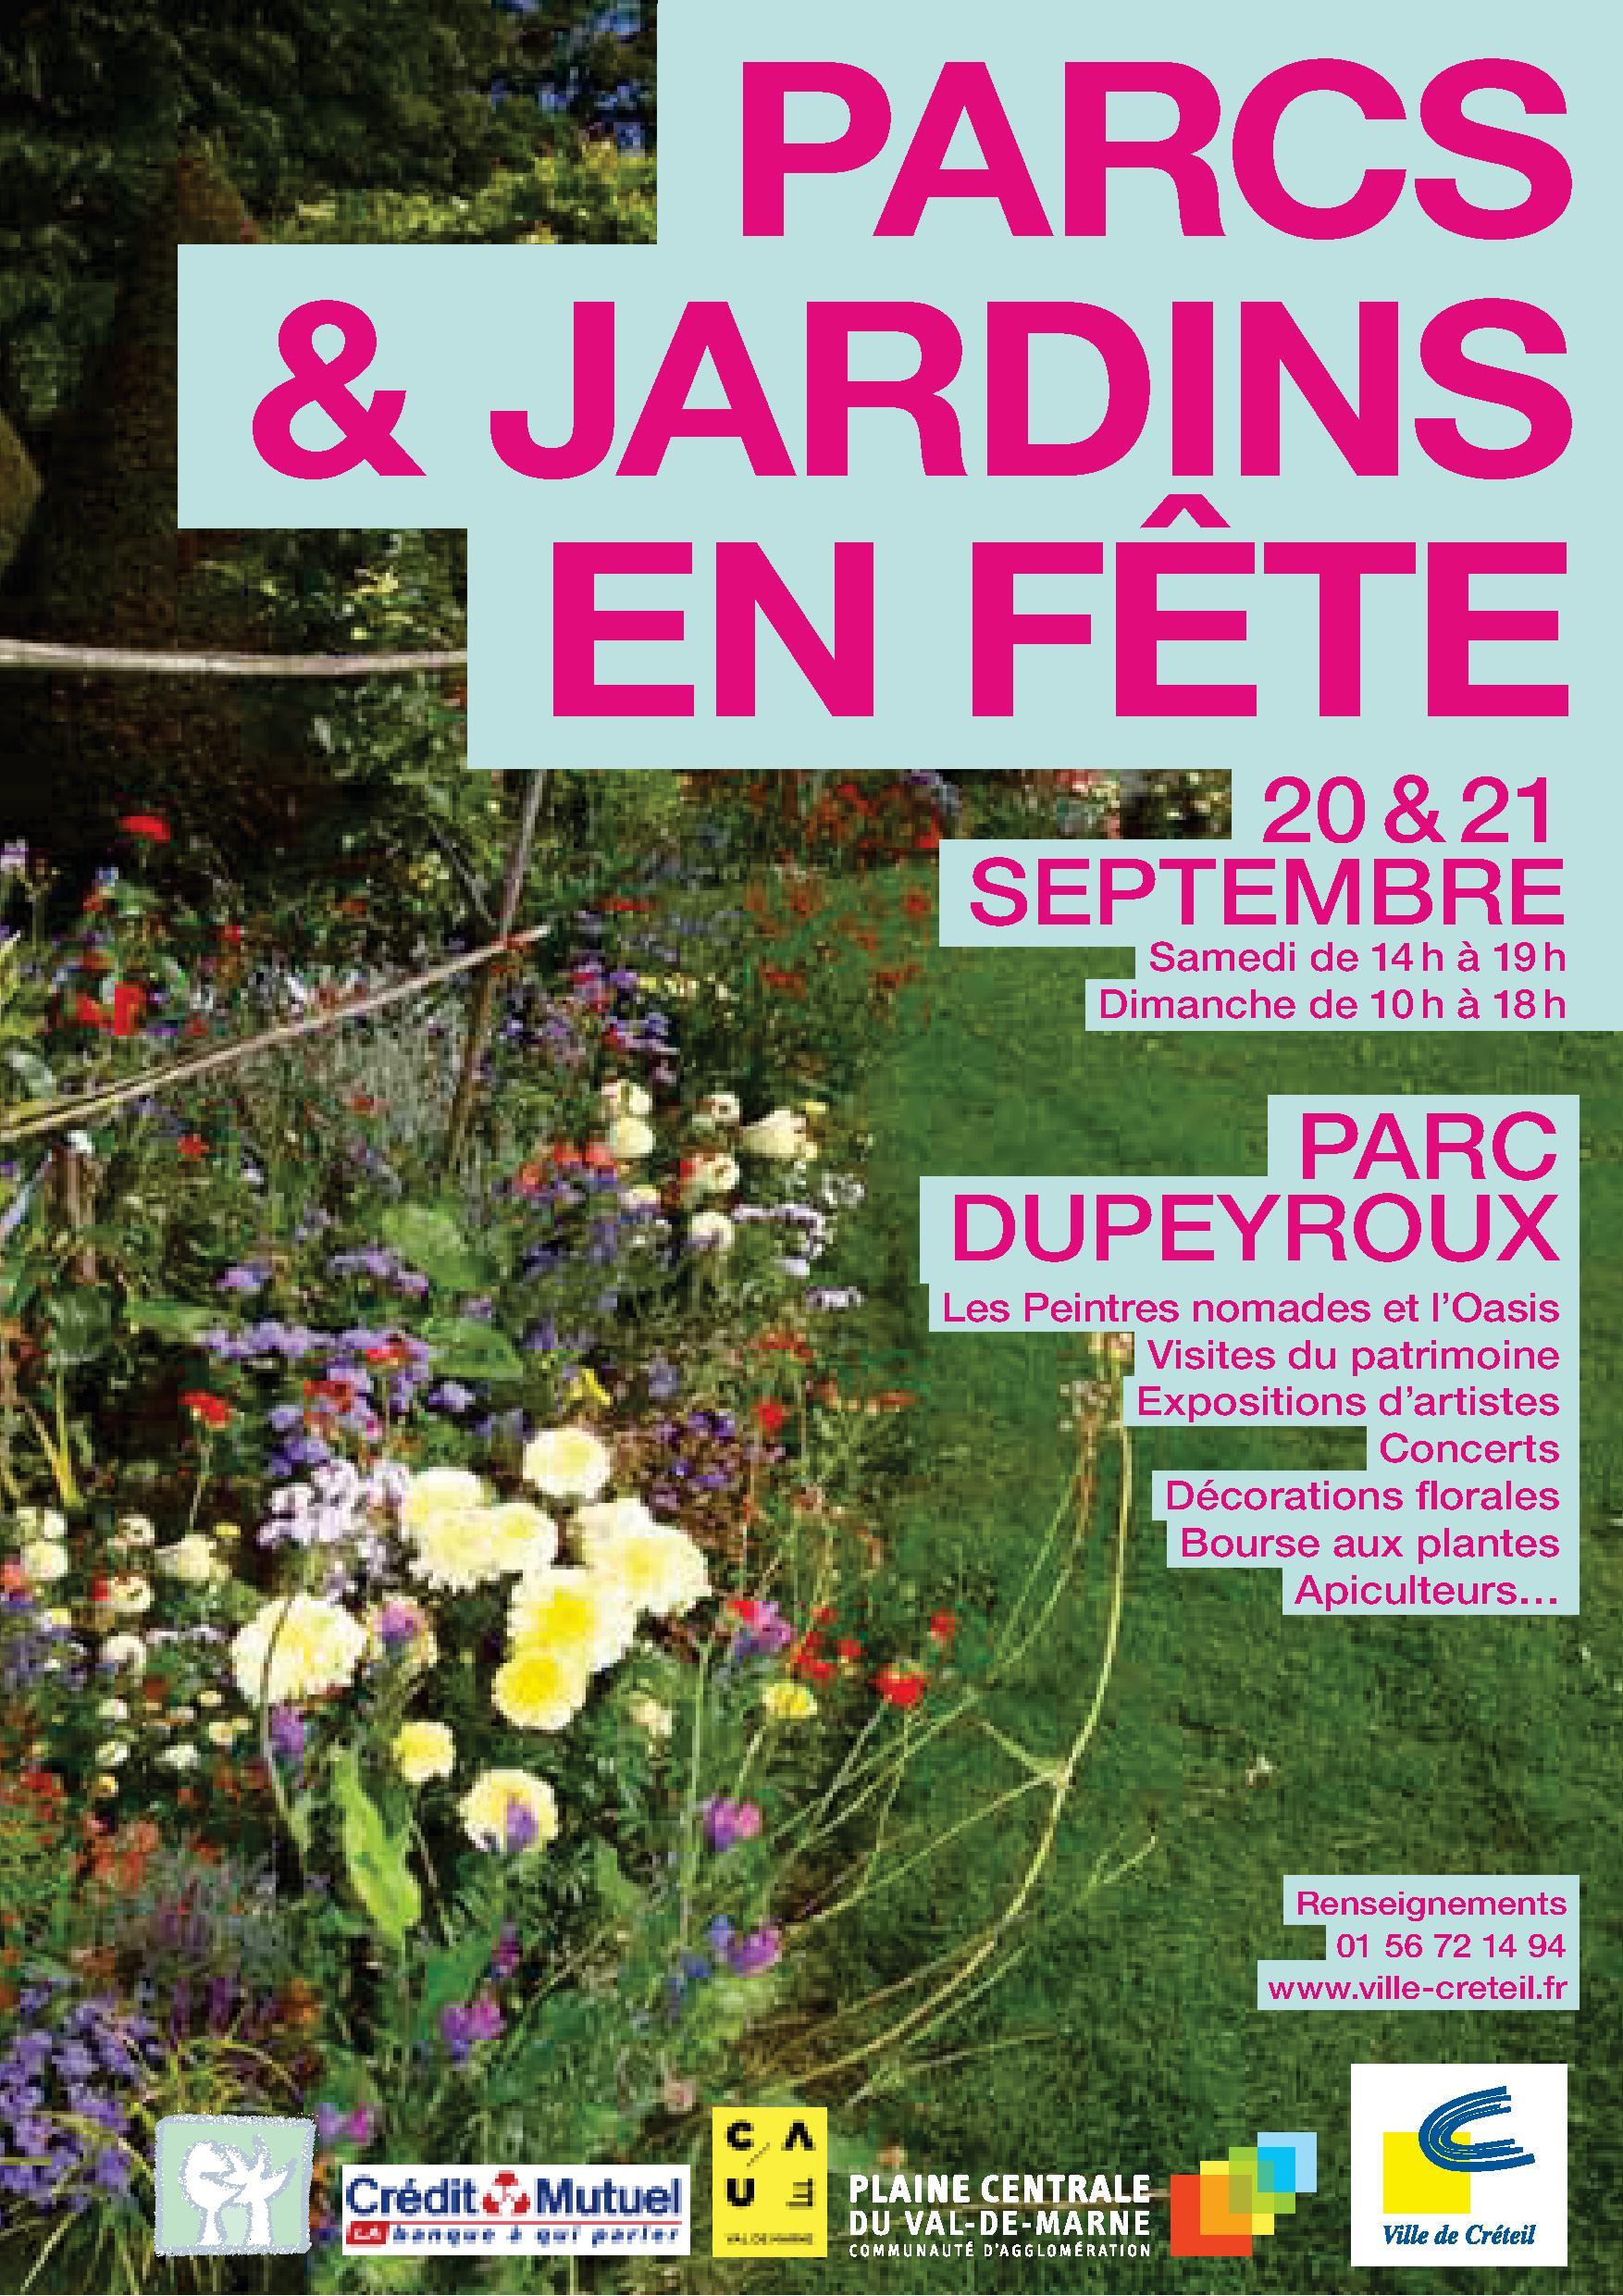 """Affiche de """"PARCS & JARDINS EN FÊTE"""" au Parc DUPEYROUX du 19 au 21 septembre 2014"""